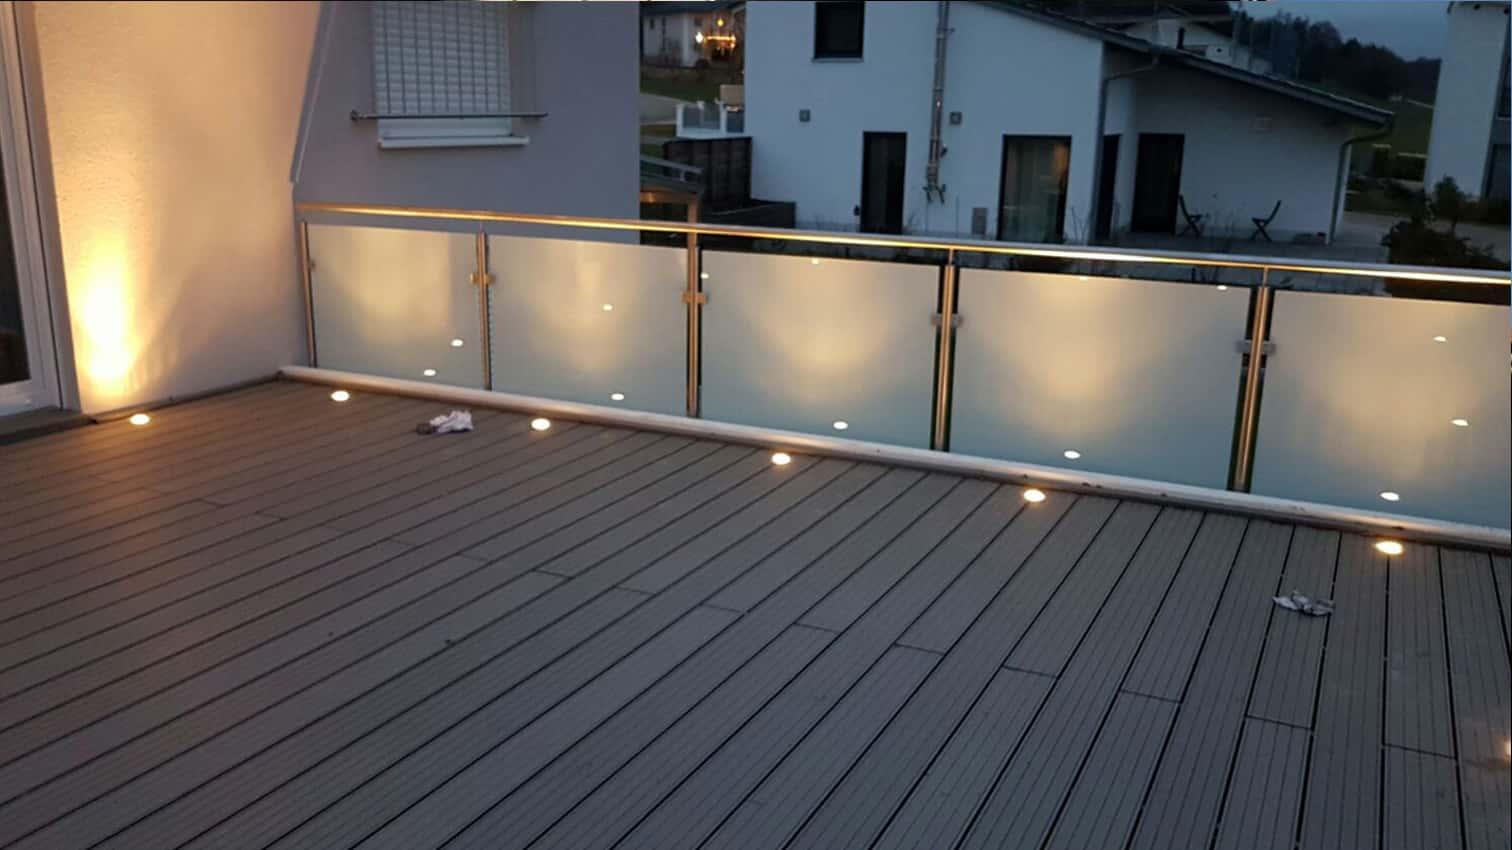 Balkongeländer mit Beleuchtung